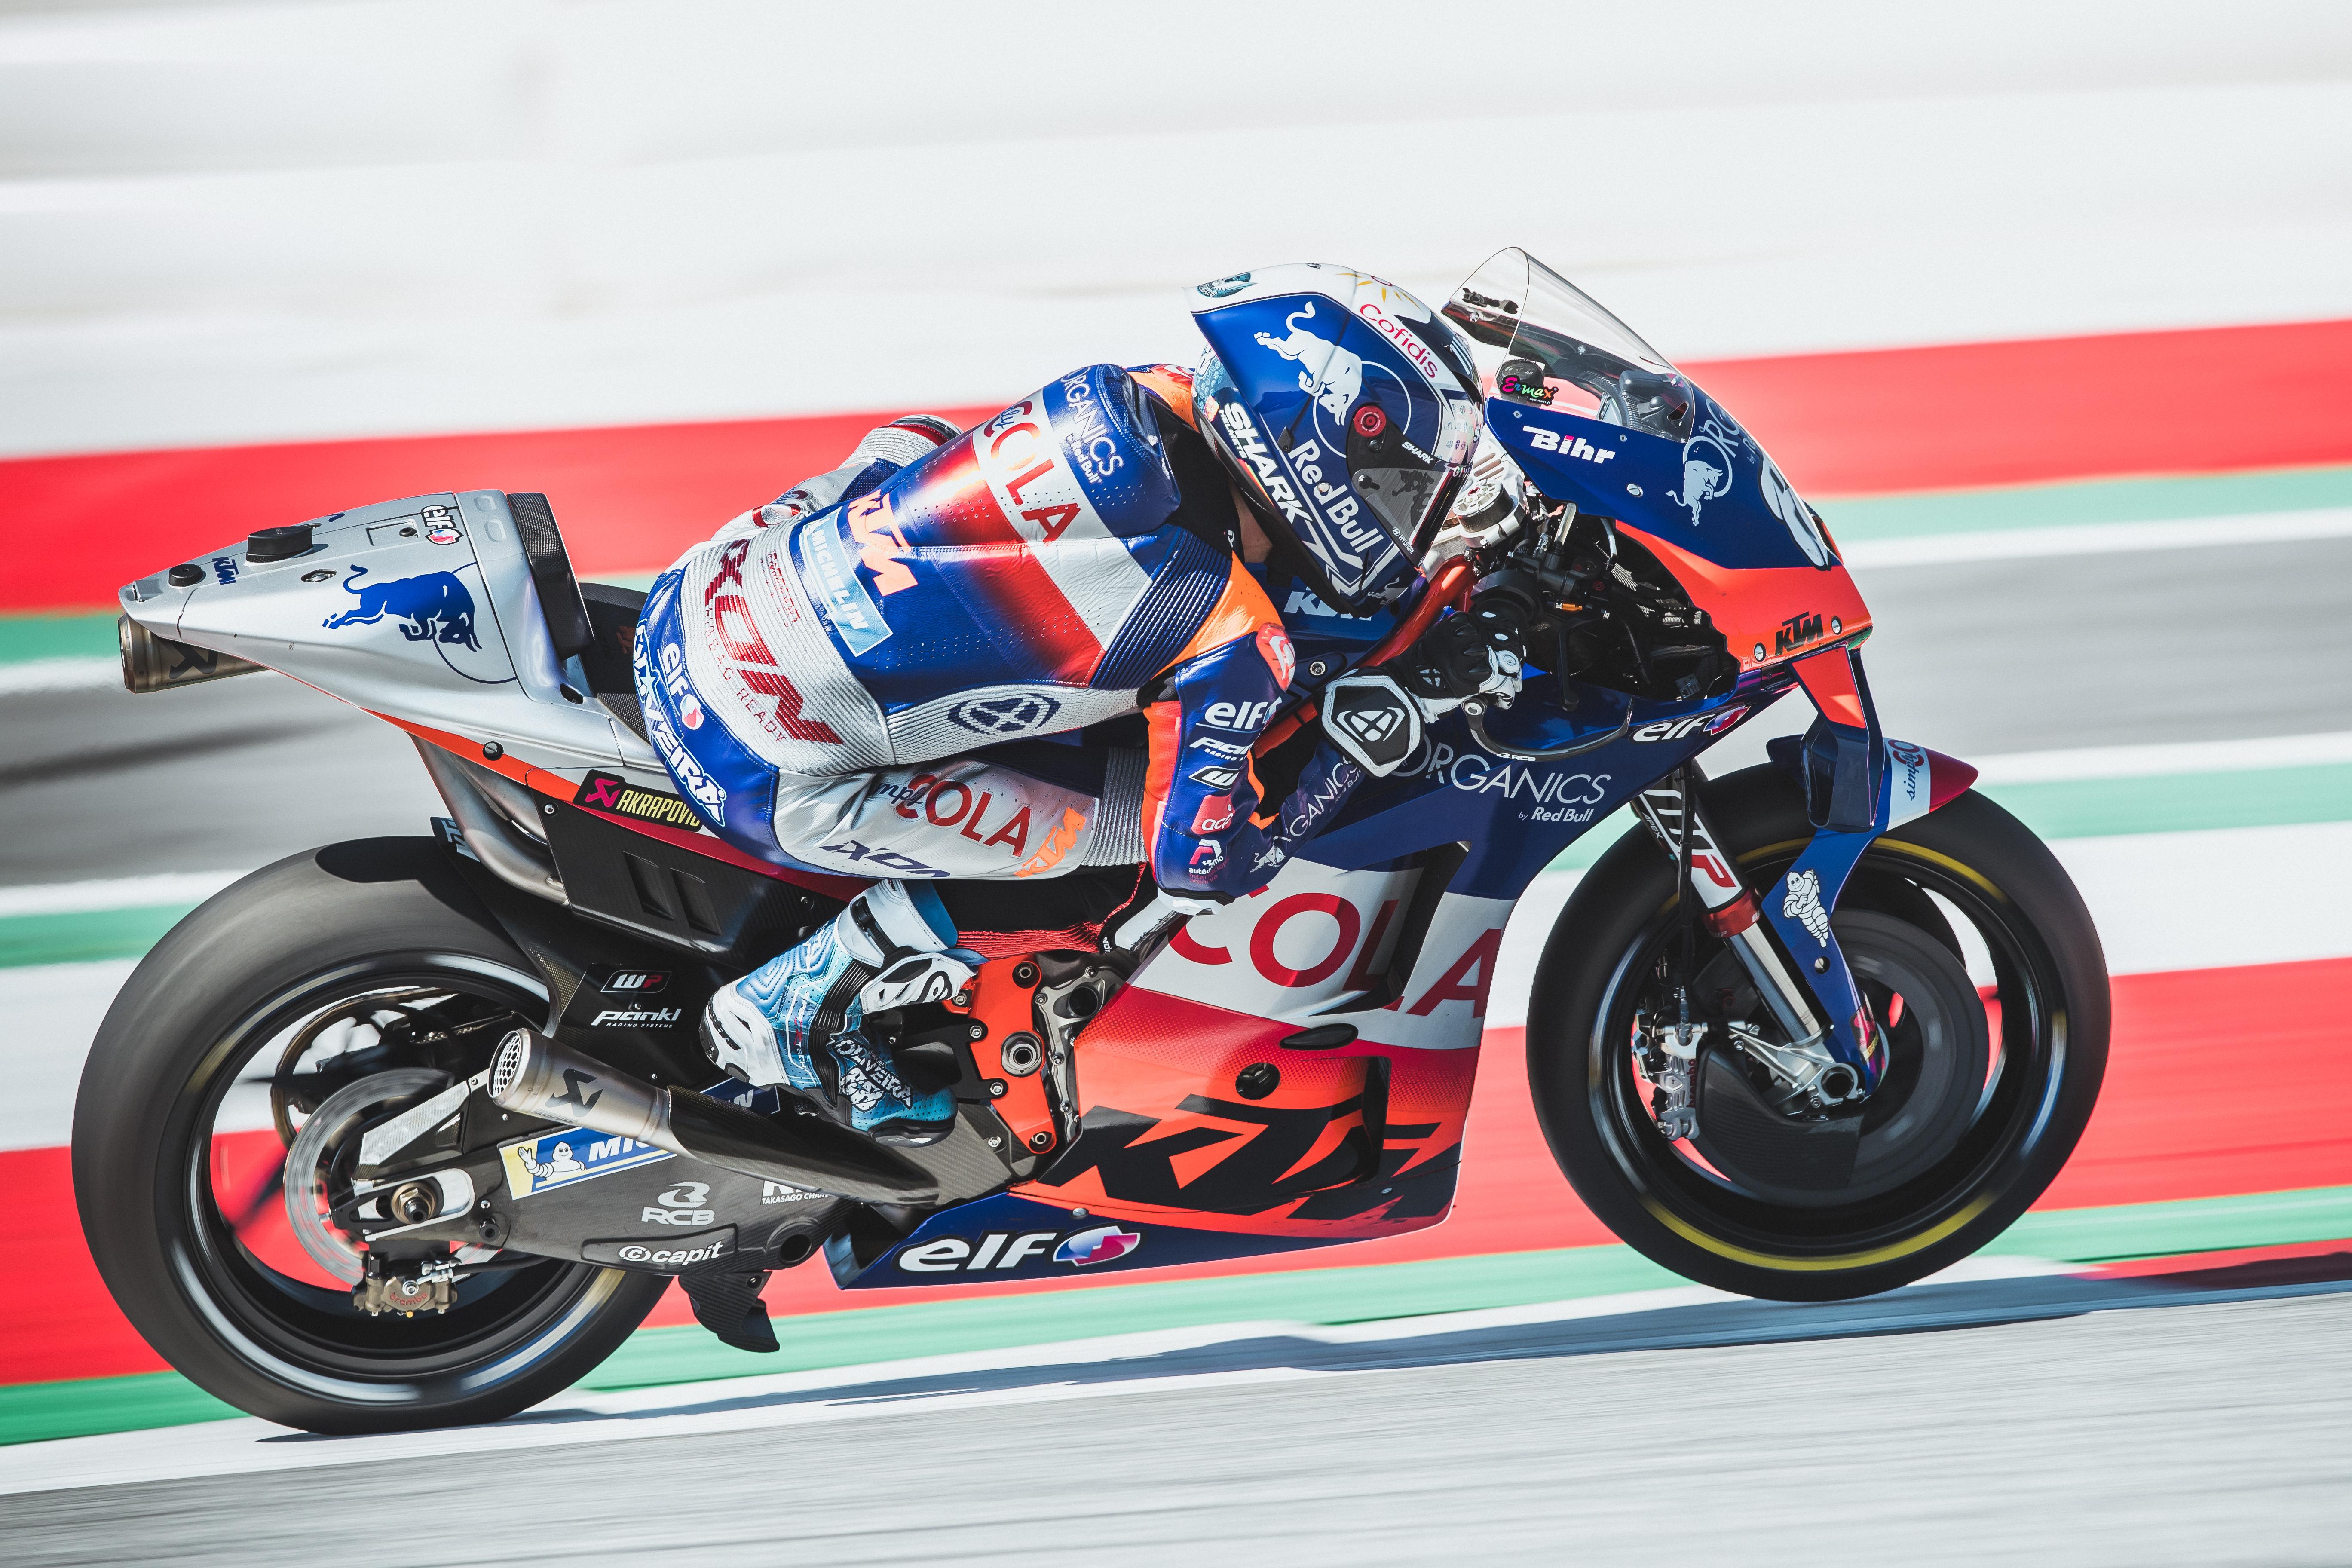 MOTOGP | Miguel Oliveira faz história ao alcançar a primeira vitória no campeonato do mundo de MotoGP 6